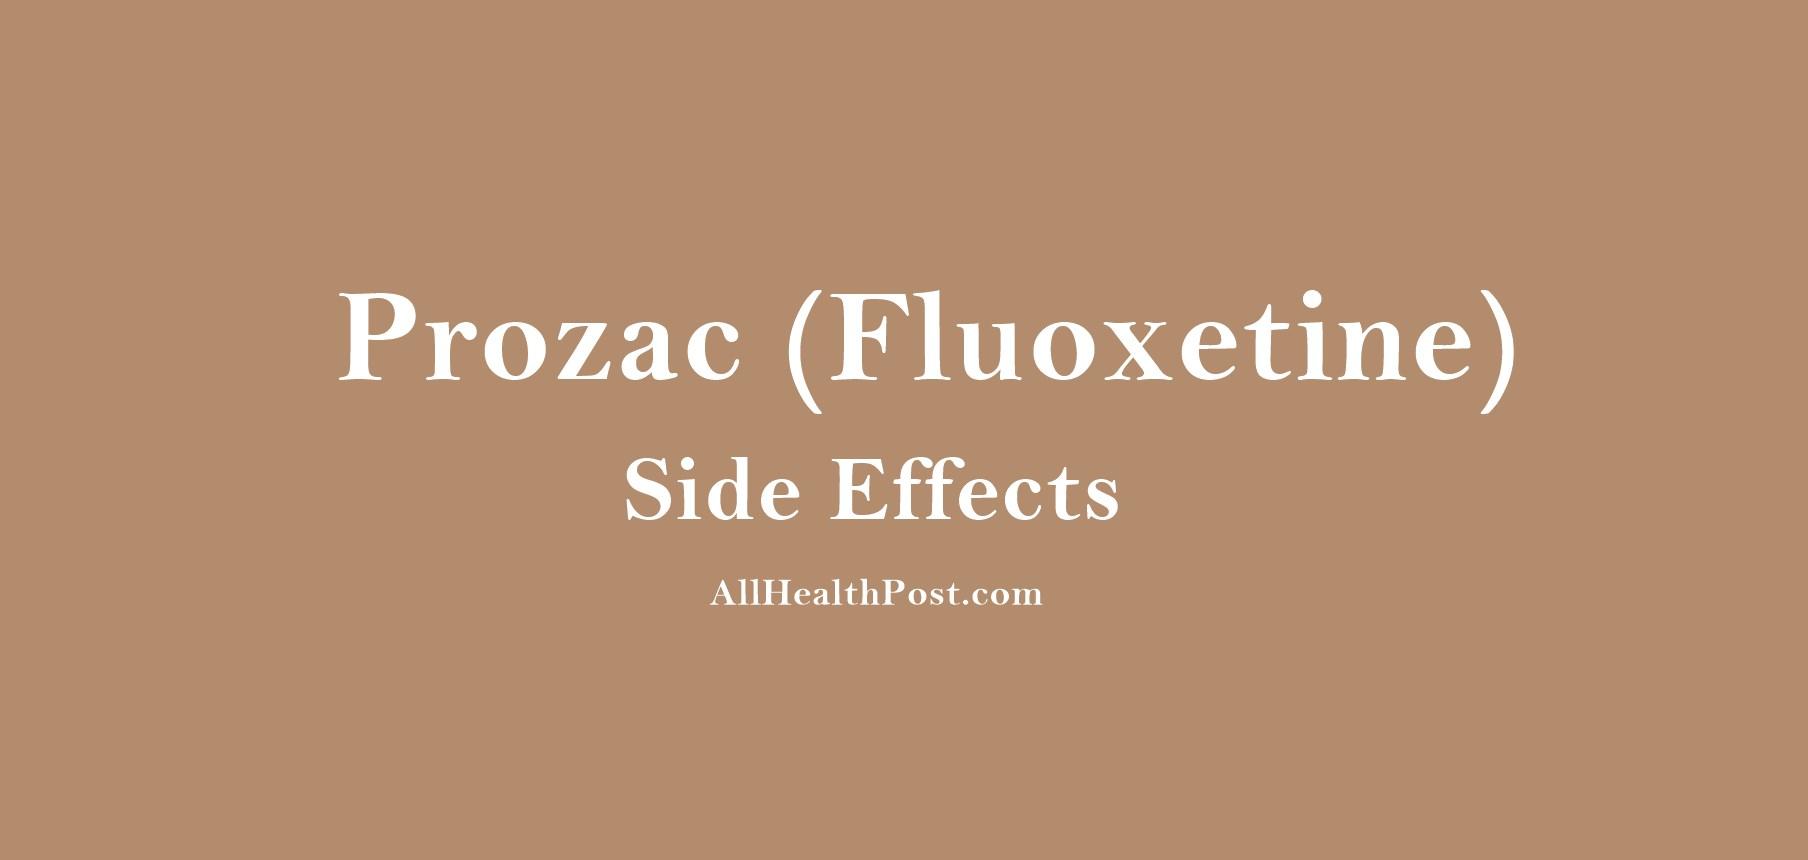 Prozac fluoxetine side effects prozac side fluoxetine effects prozac fluoxetine side effects prozac side effects weight loss fluoxetine hcl side effects